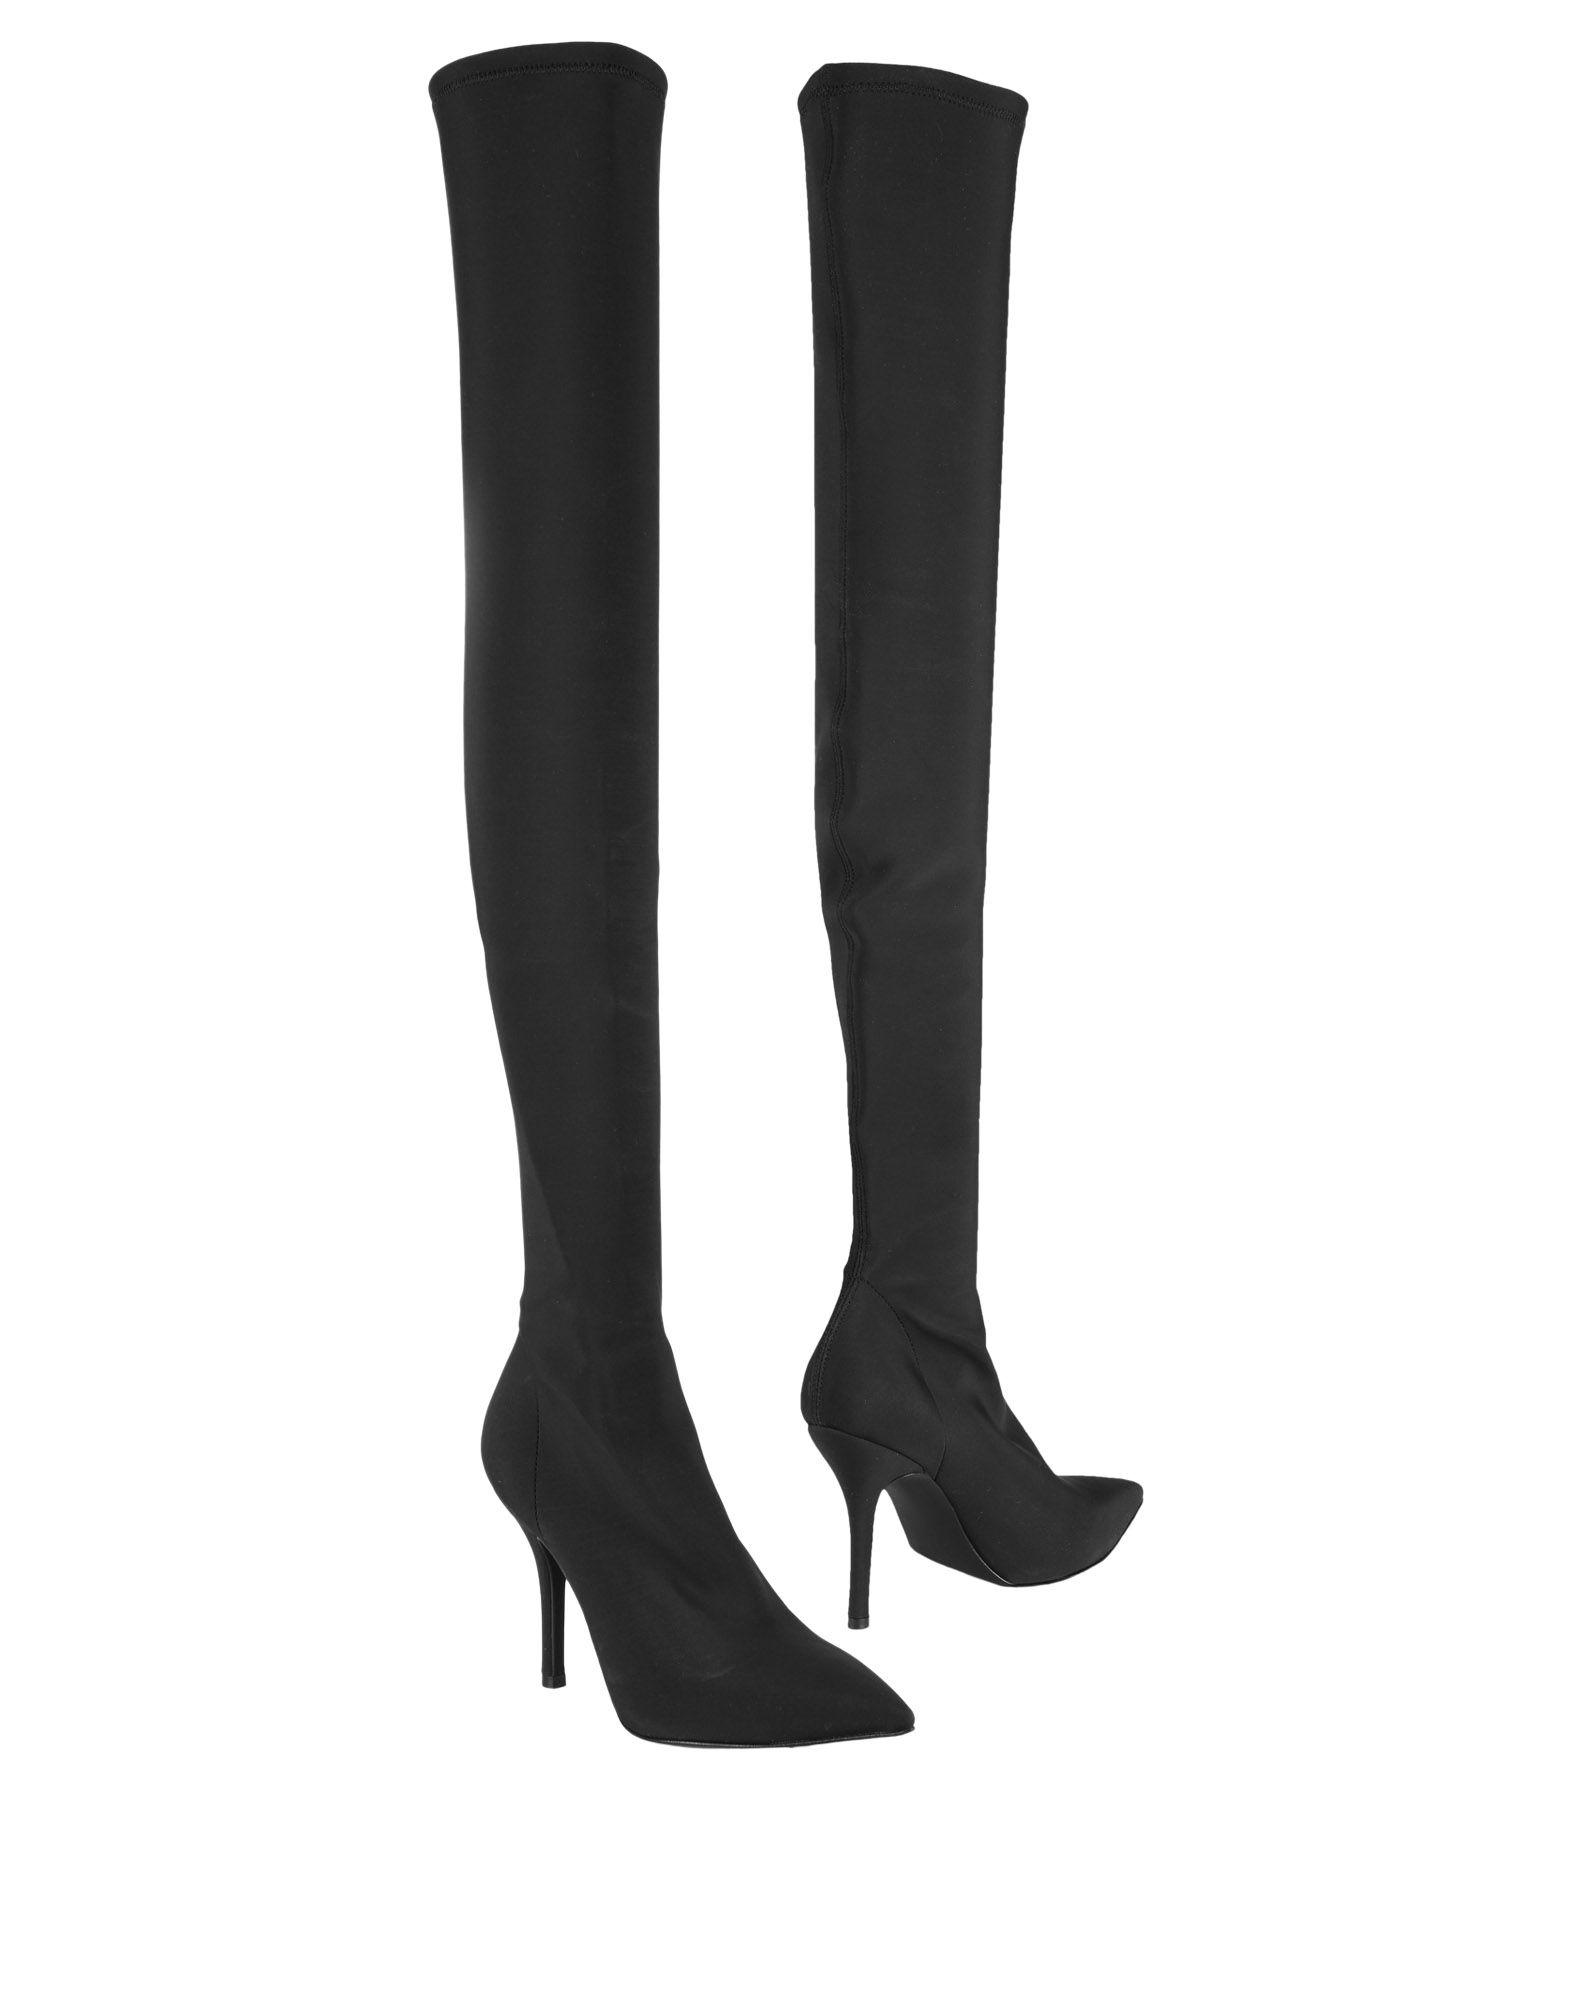 Jolie By Edward Spiers Boots - Spiers Women Jolie By Edward Spiers - Boots online on  Australia - 11403996IO 976f2f